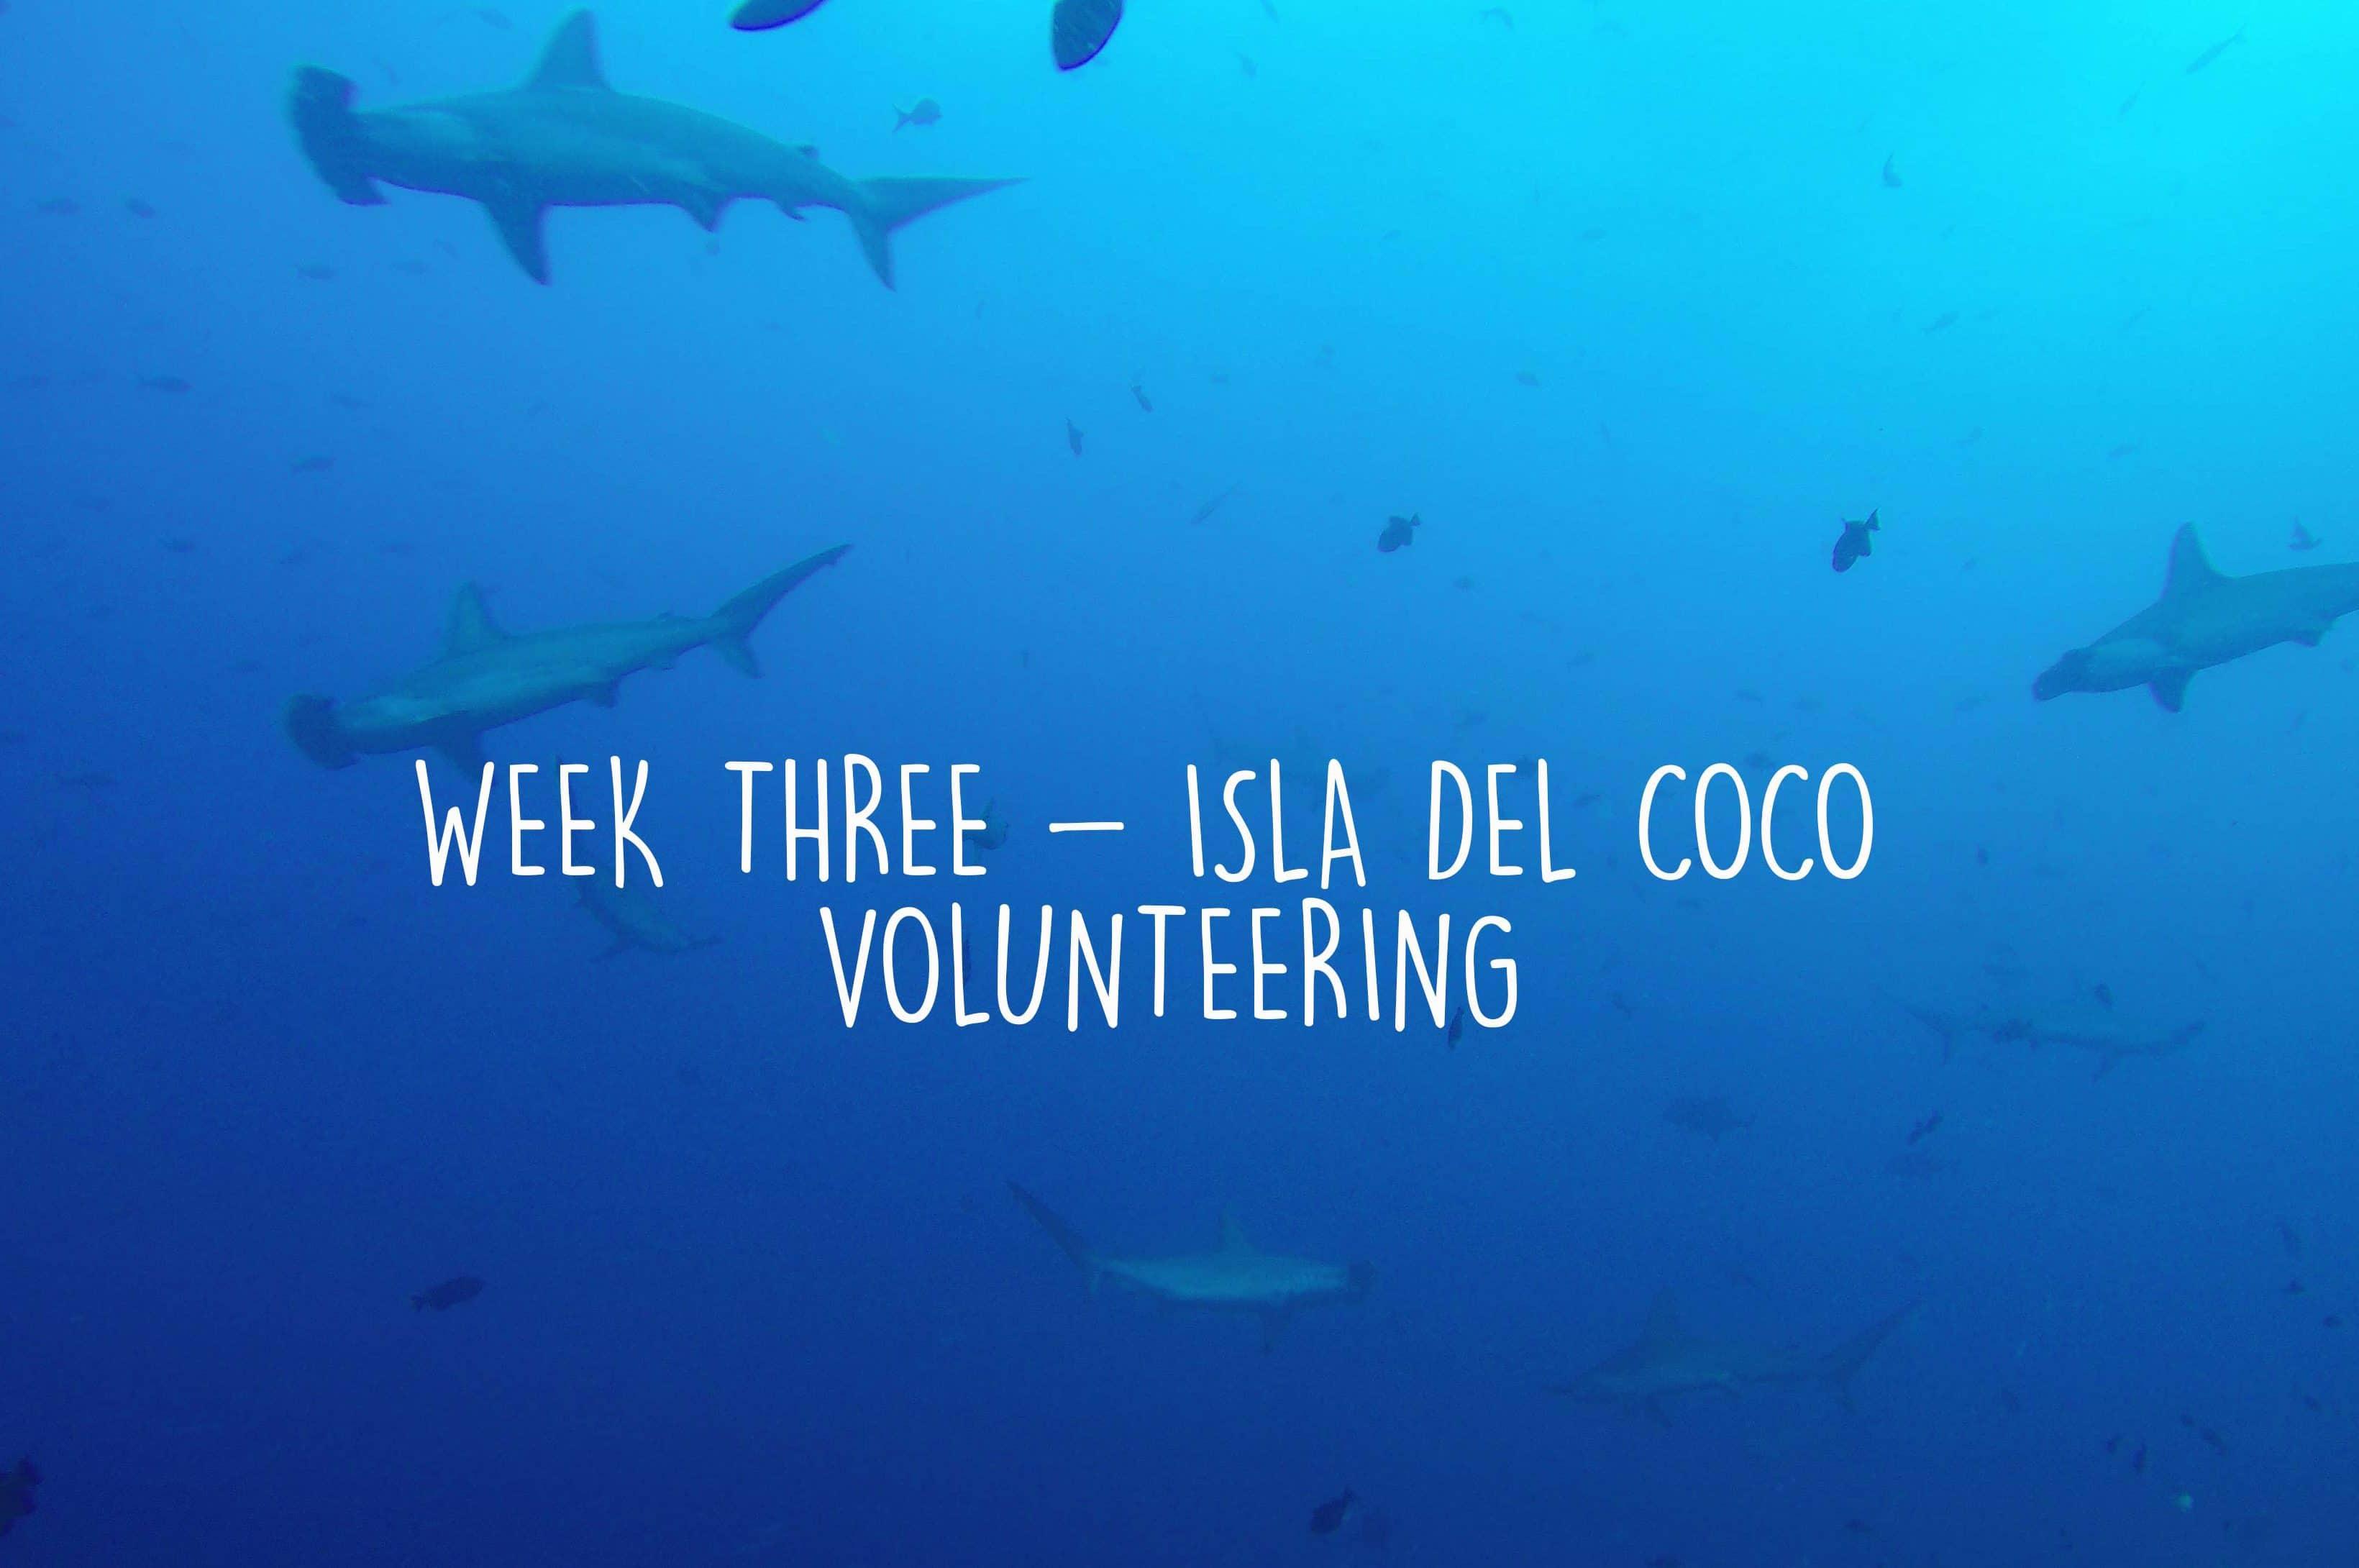 Week three as an Isla Del Coco Volunteer